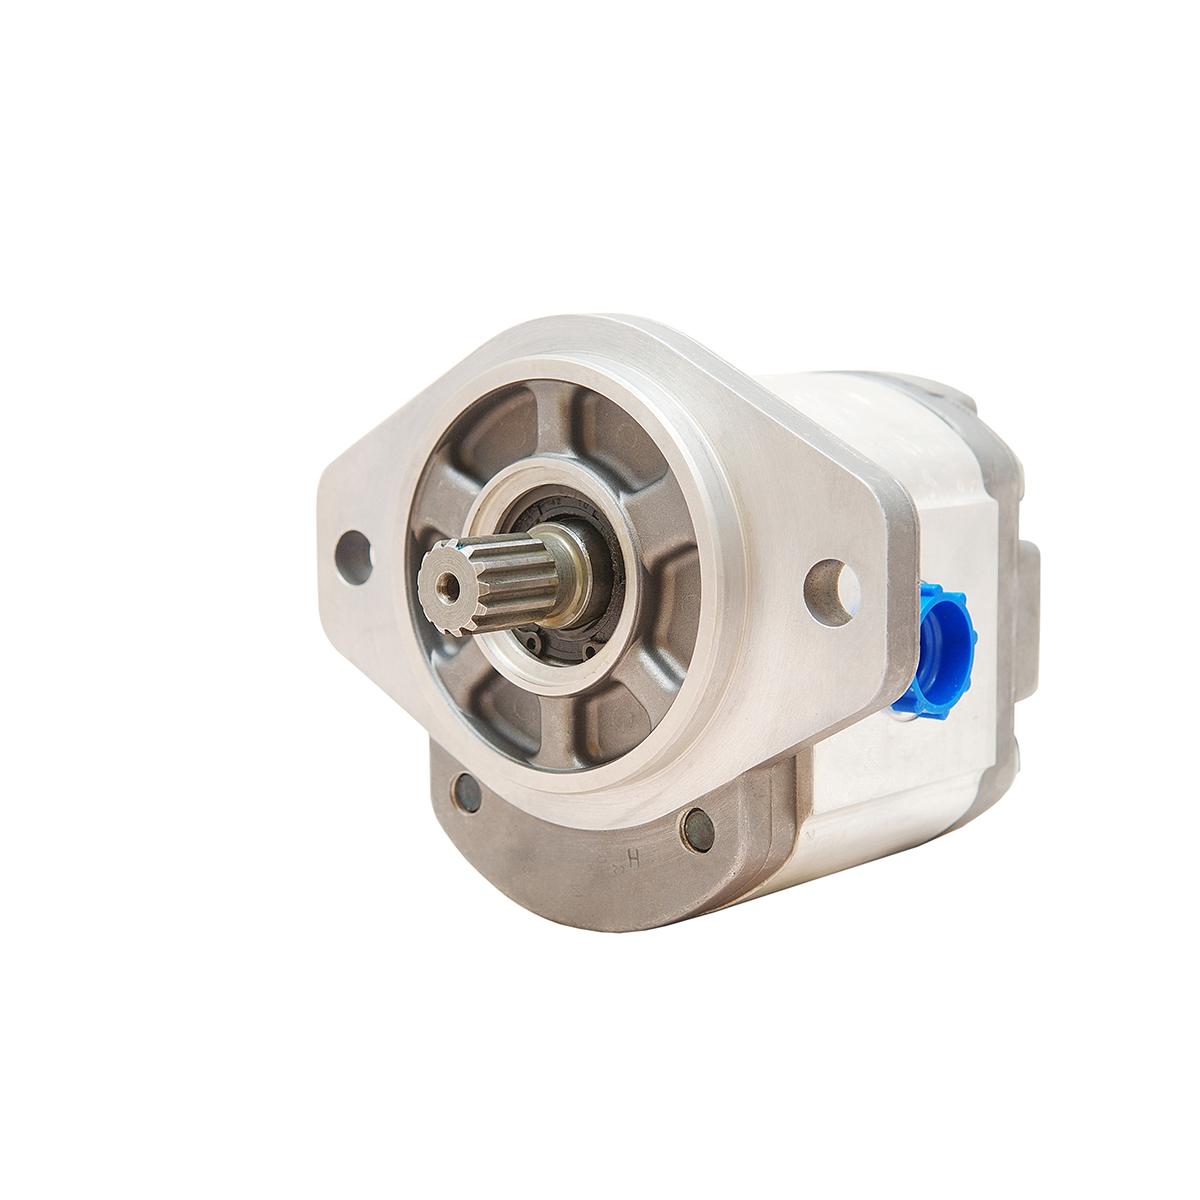 2.32 CID hydraulic gear pump, 13 tooth spline shaft clockwise gear pump | Magister Hydraulics